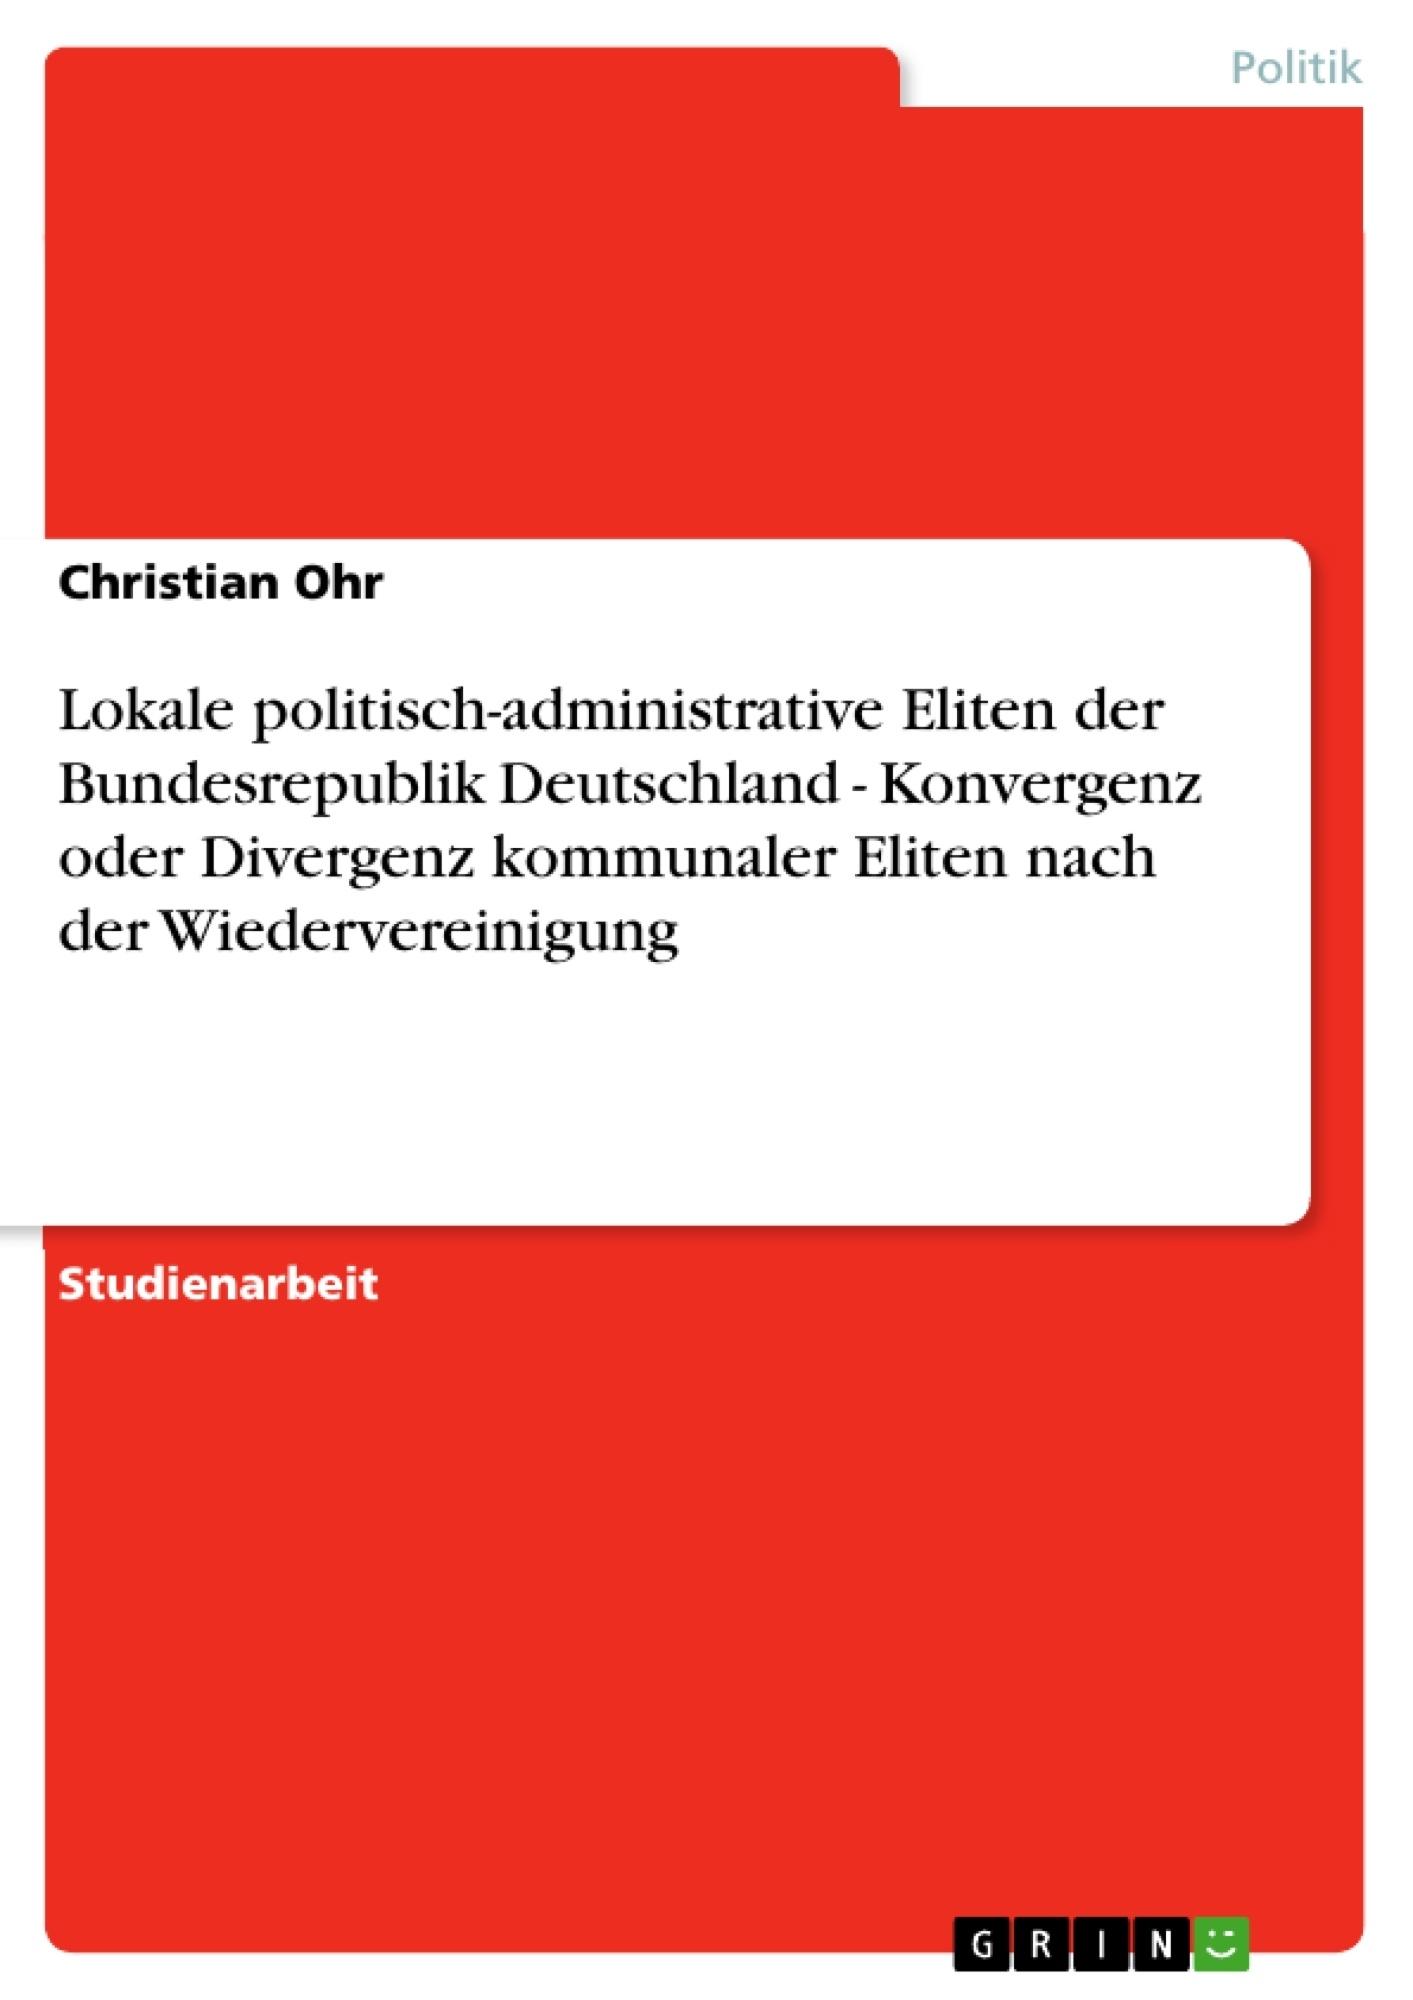 Titel: Lokale politisch-administrative Eliten der Bundesrepublik Deutschland - Konvergenz oder Divergenz kommunaler Eliten nach der Wiedervereinigung